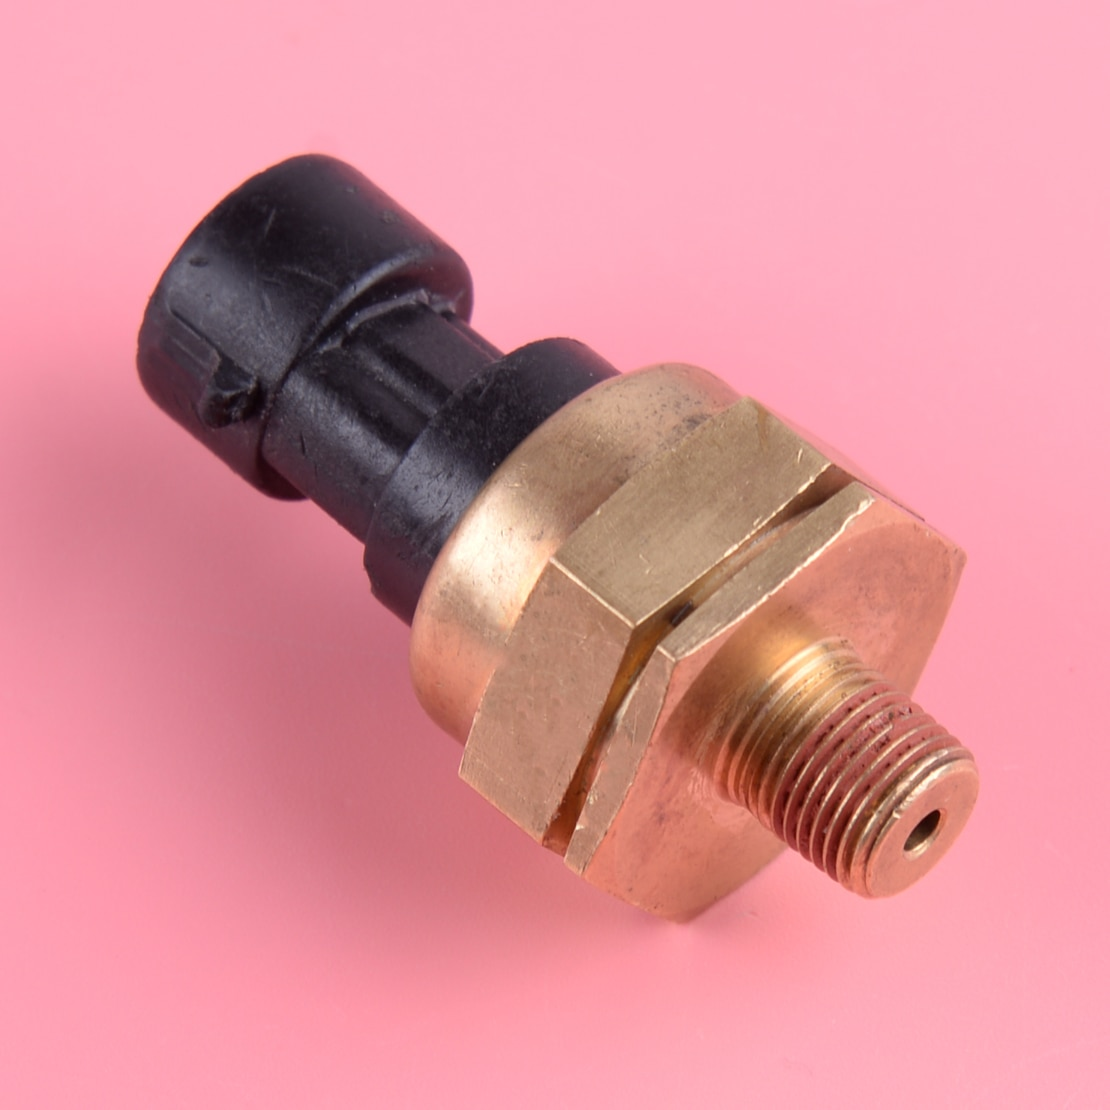 Citall 8m6000623 3 pinos interruptor do sensor de pressão água peças de reposição ferramenta apto para mercruiser marinha